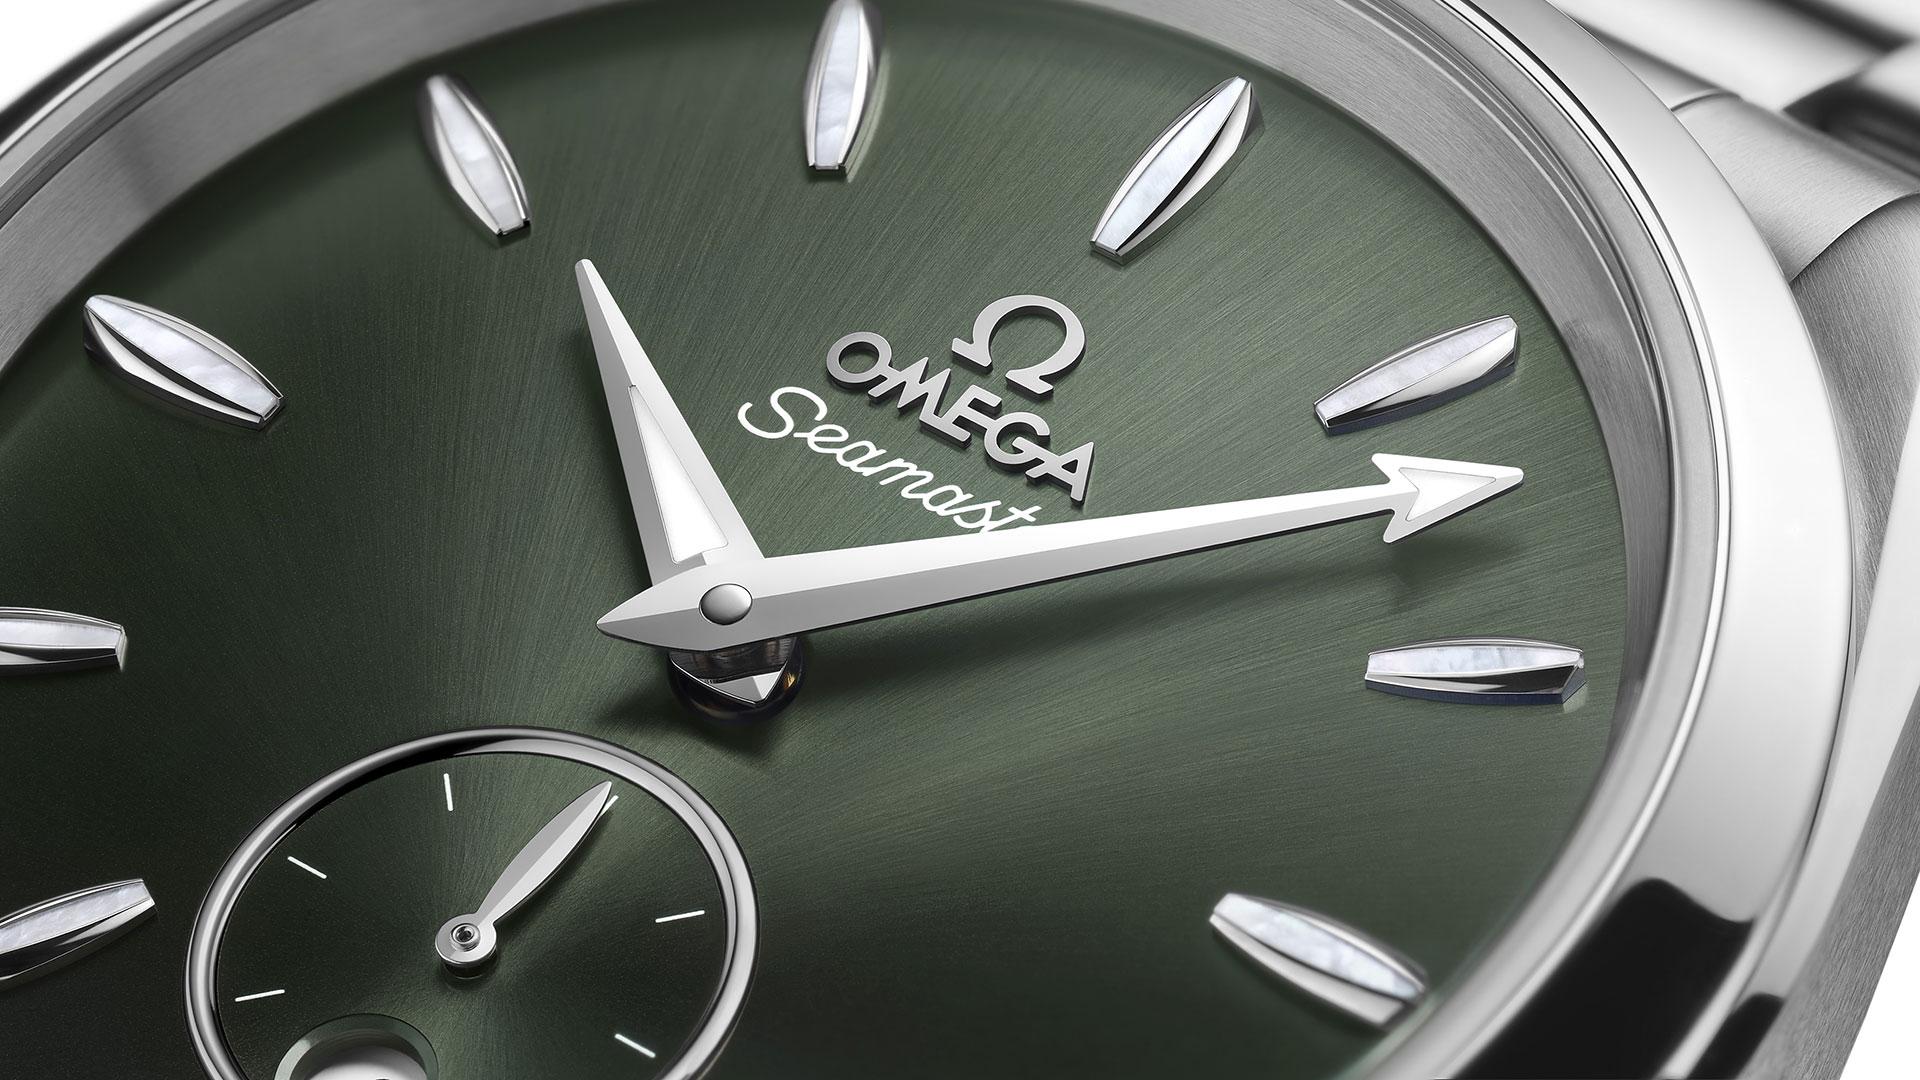 nuovo-omega-semaster-aqua-terra